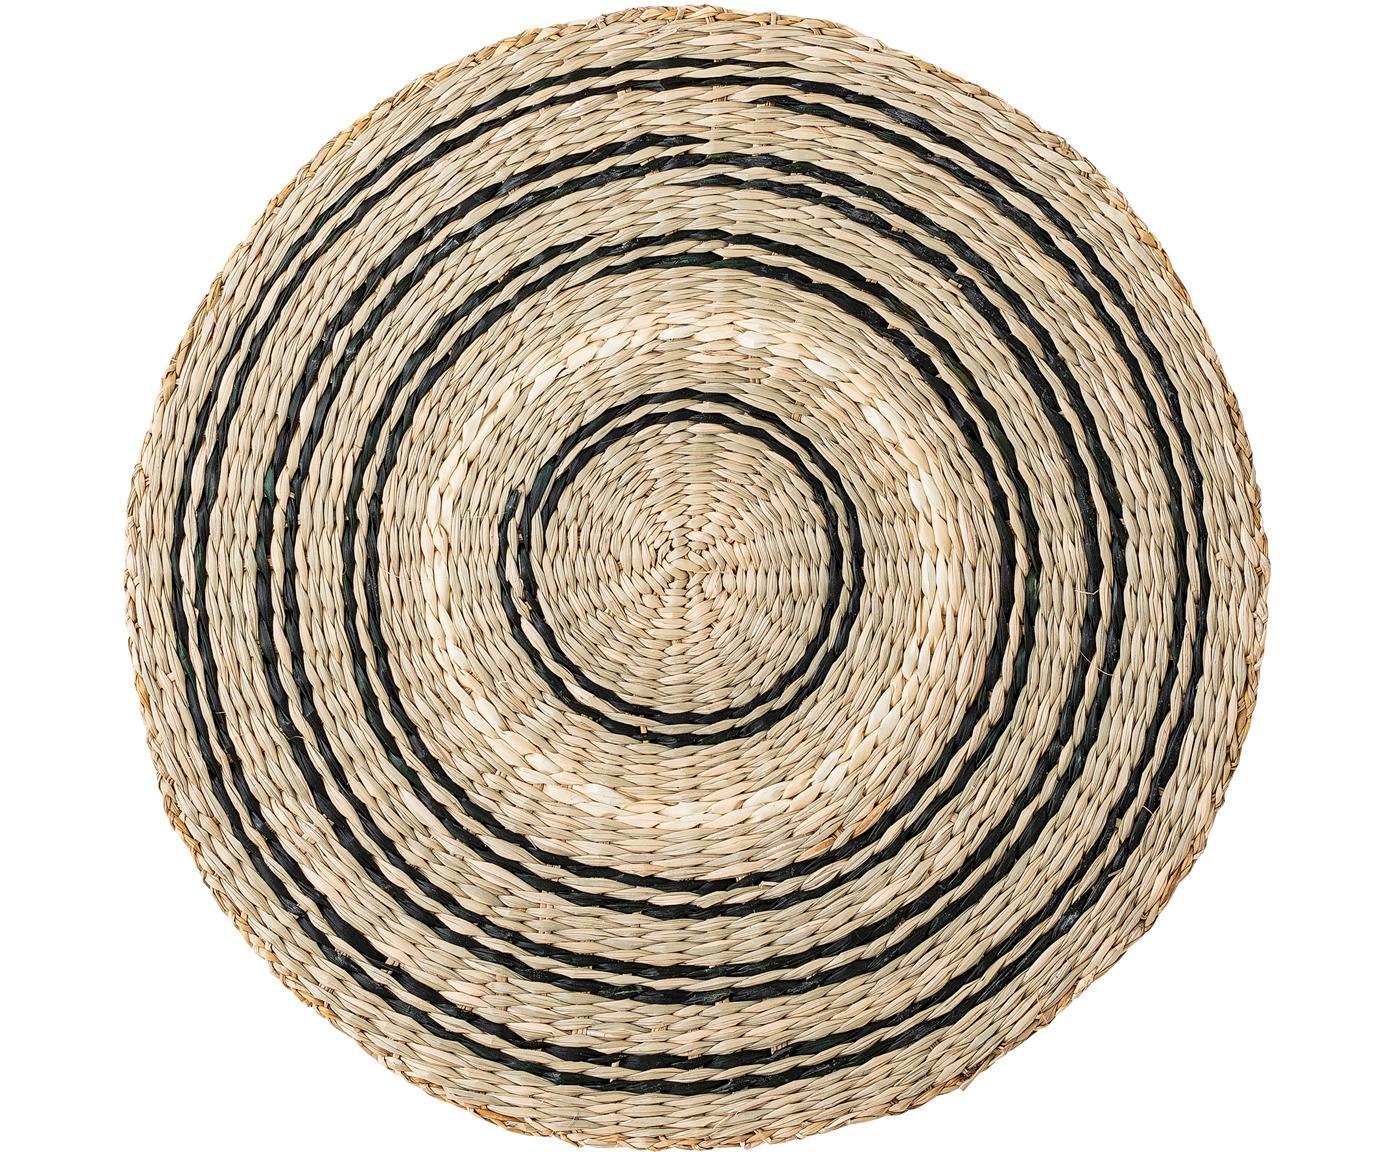 Okrągła podkładka z trawy morskiej Kama, Trawa morska, Beżowy, biały, czarny, Ø 38 cm